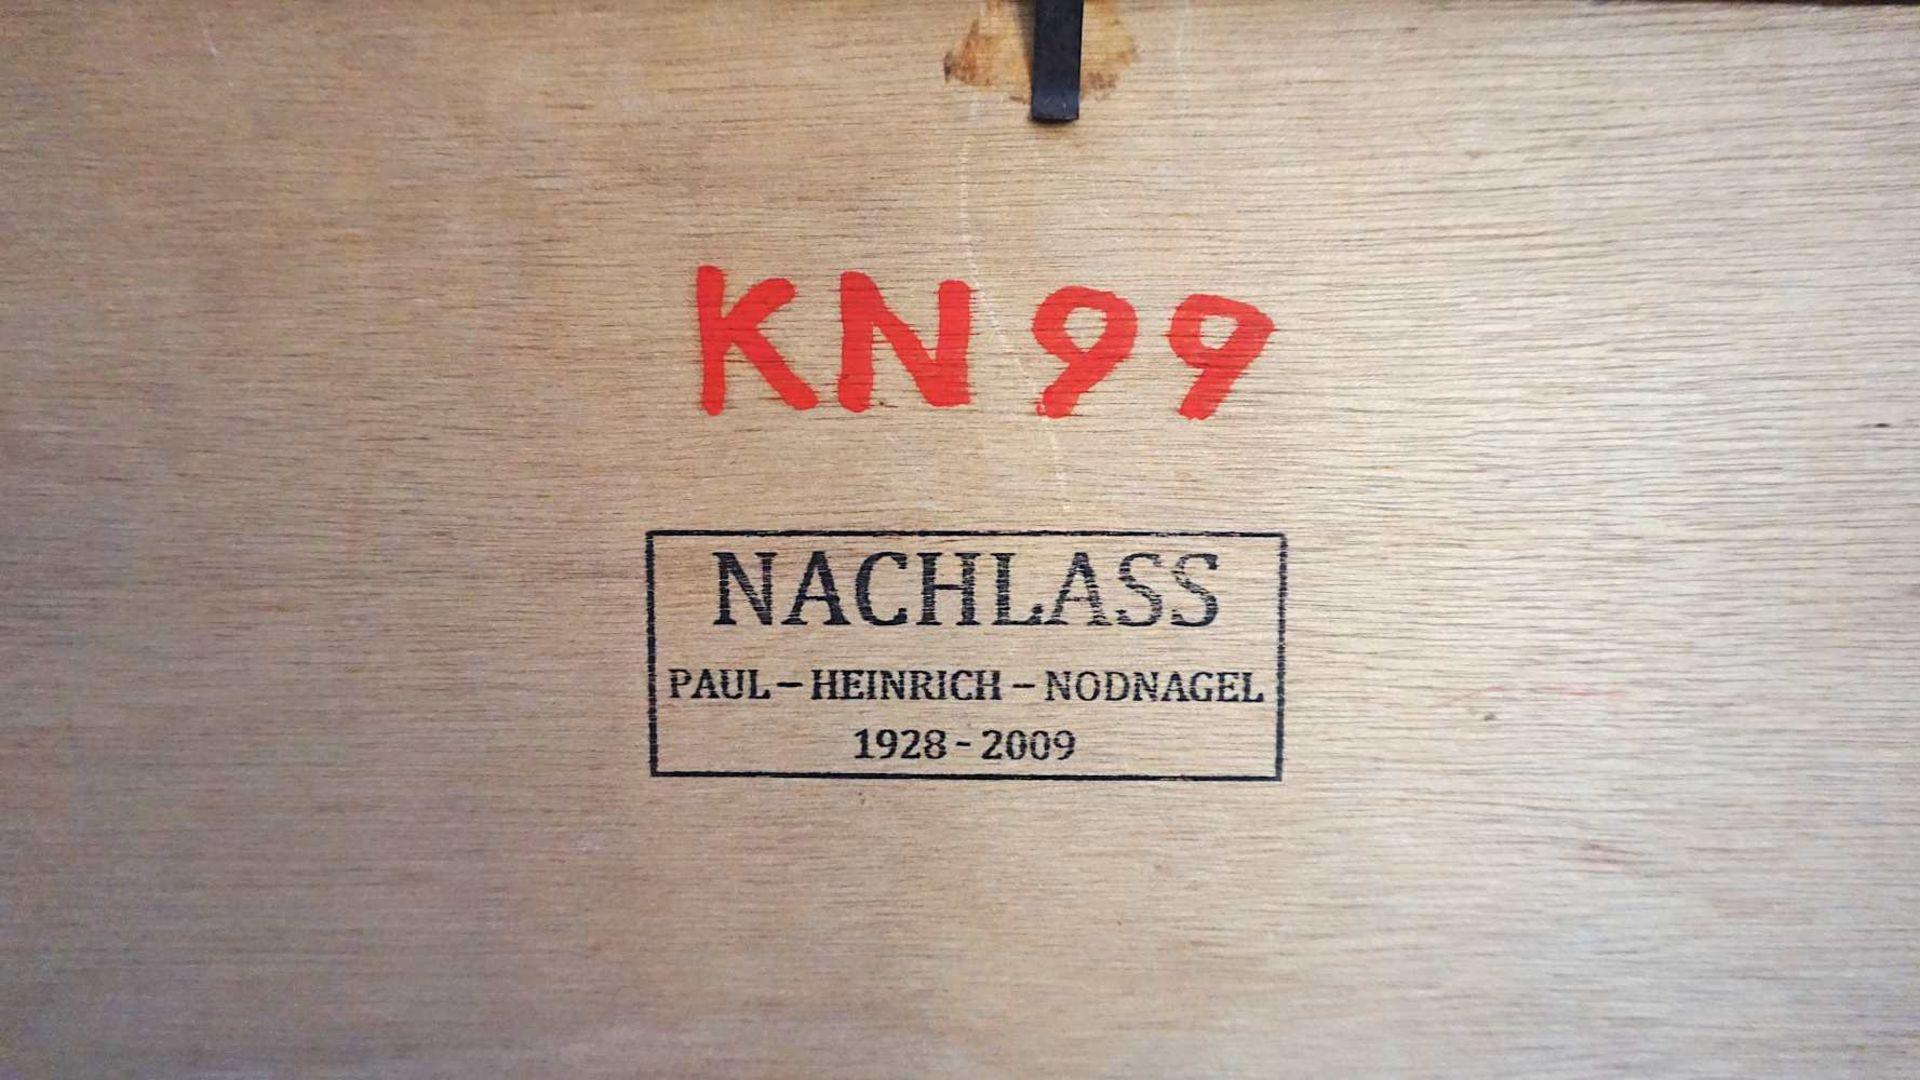 """1 Ölgemälde """"Inanna"""" R.u. monogr. PHN (wohl Paul Heinreich NODNAGEL 1928-2009) dat. - Bild 4 aus 4"""